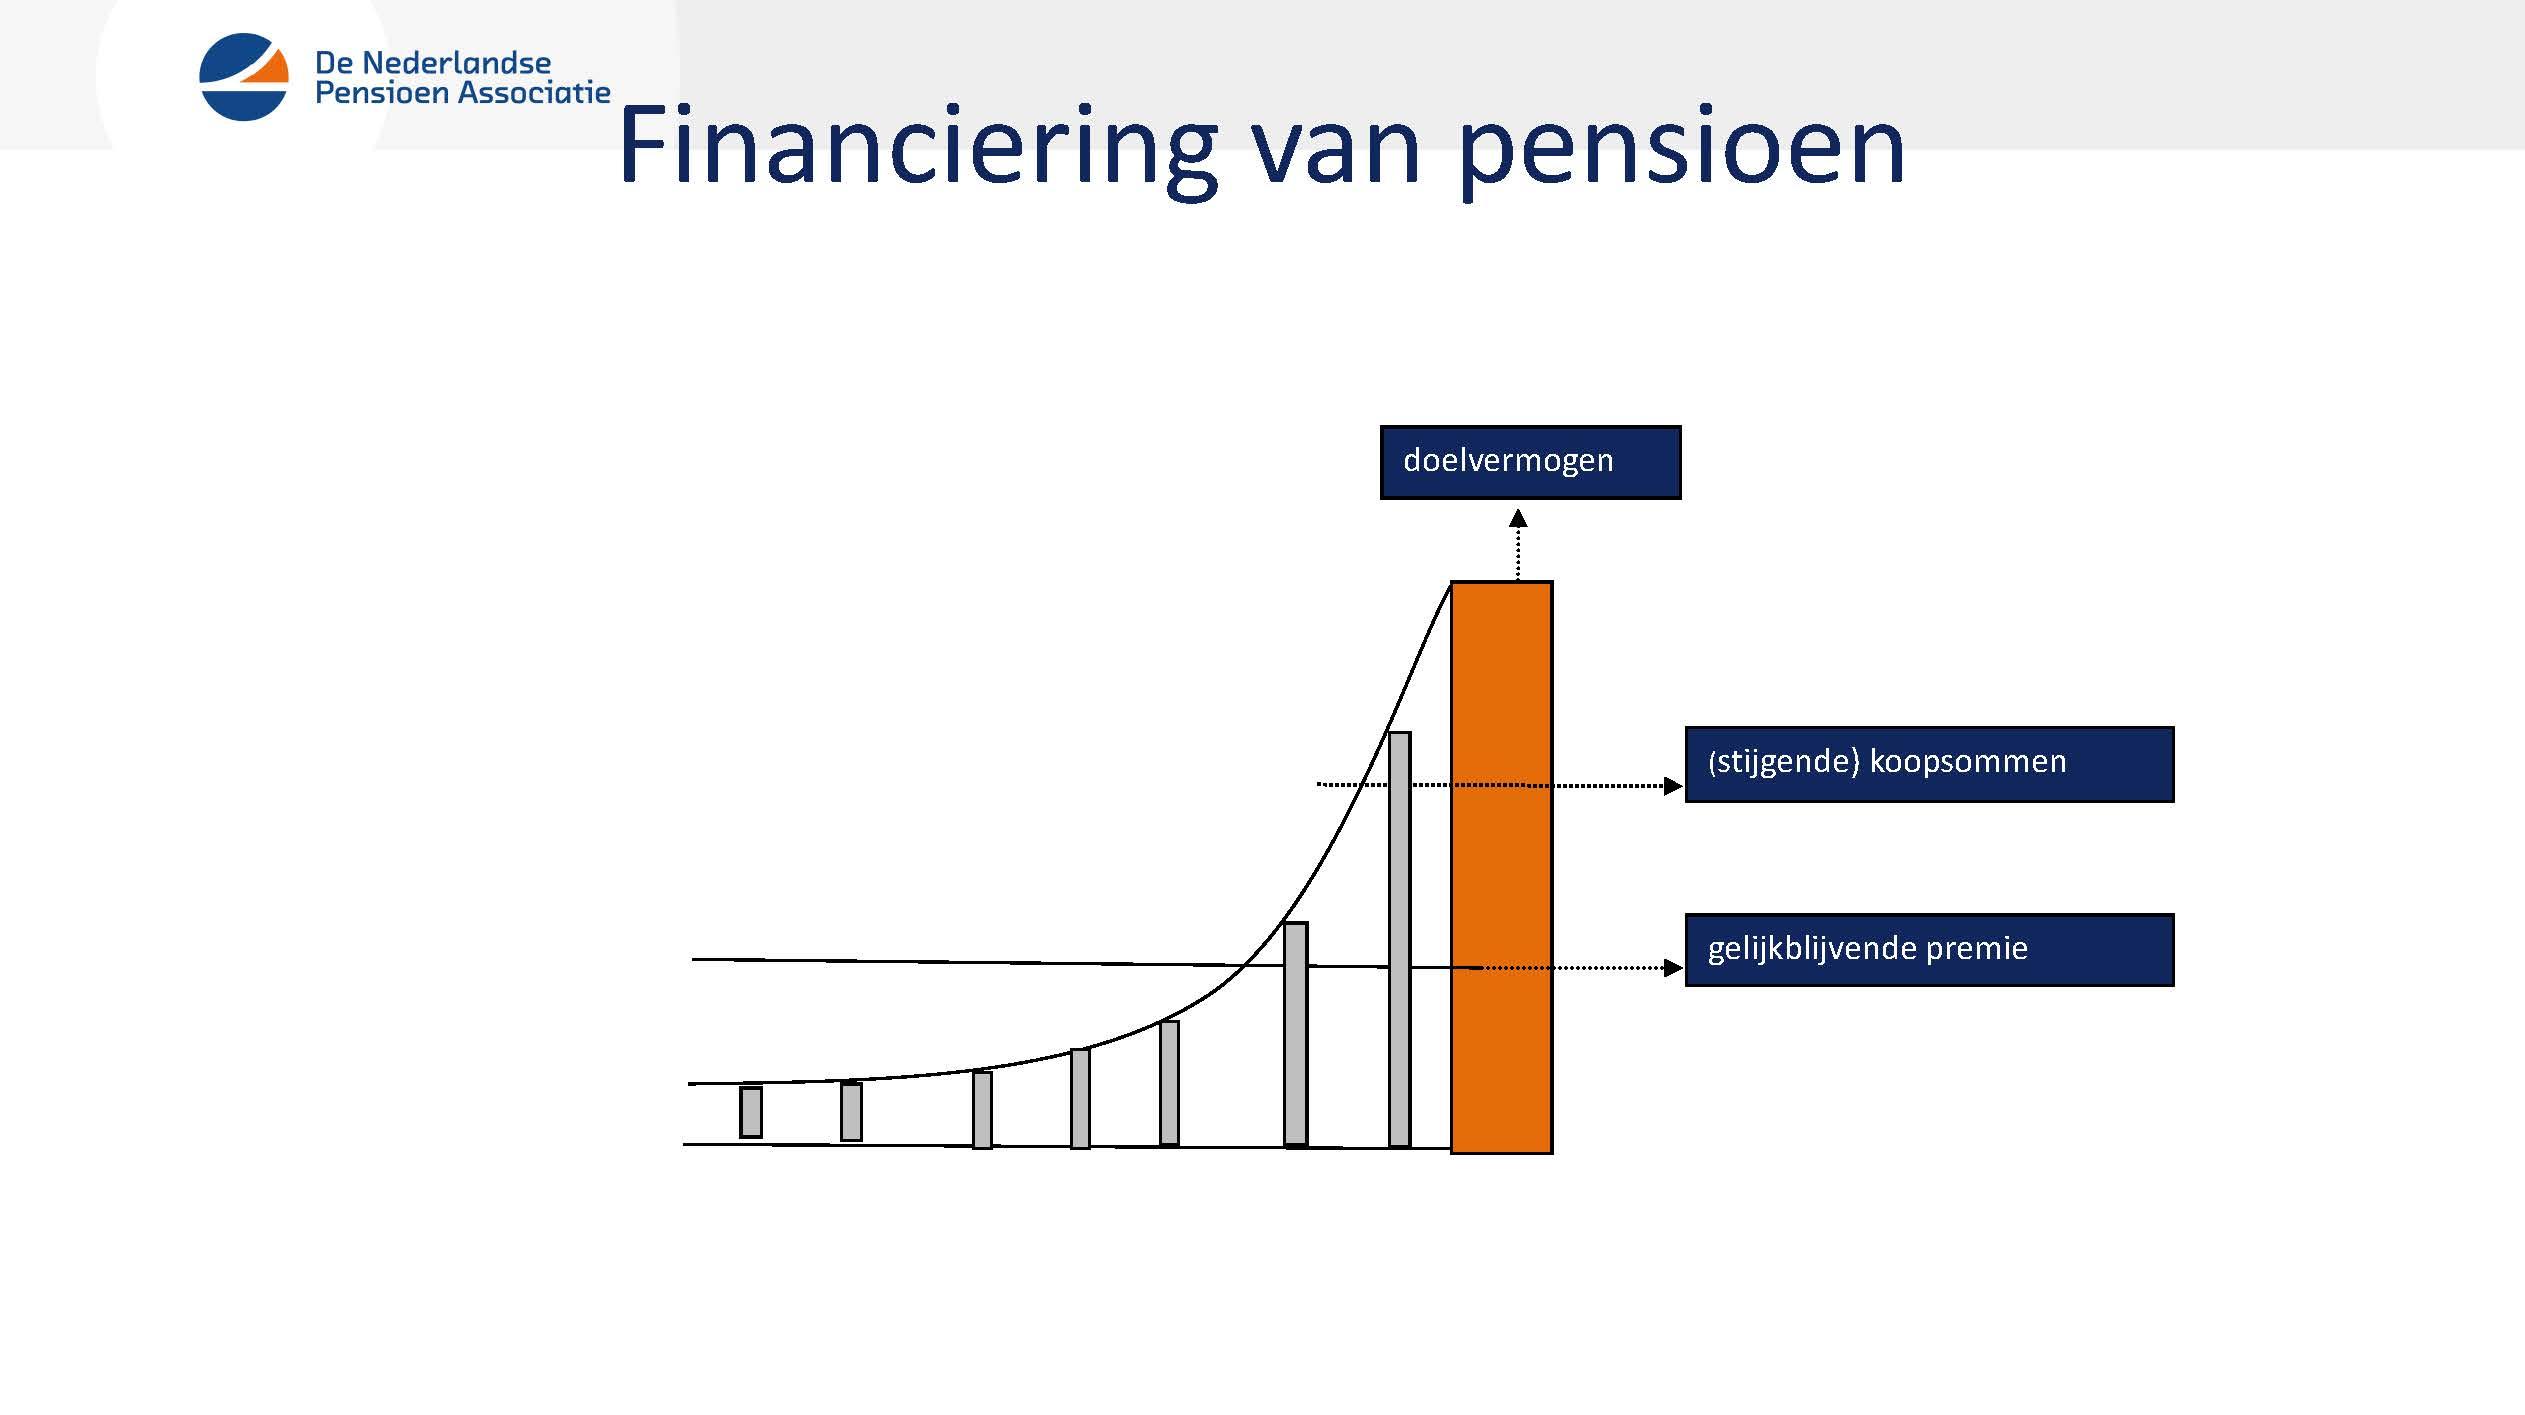 financiering van pensioen